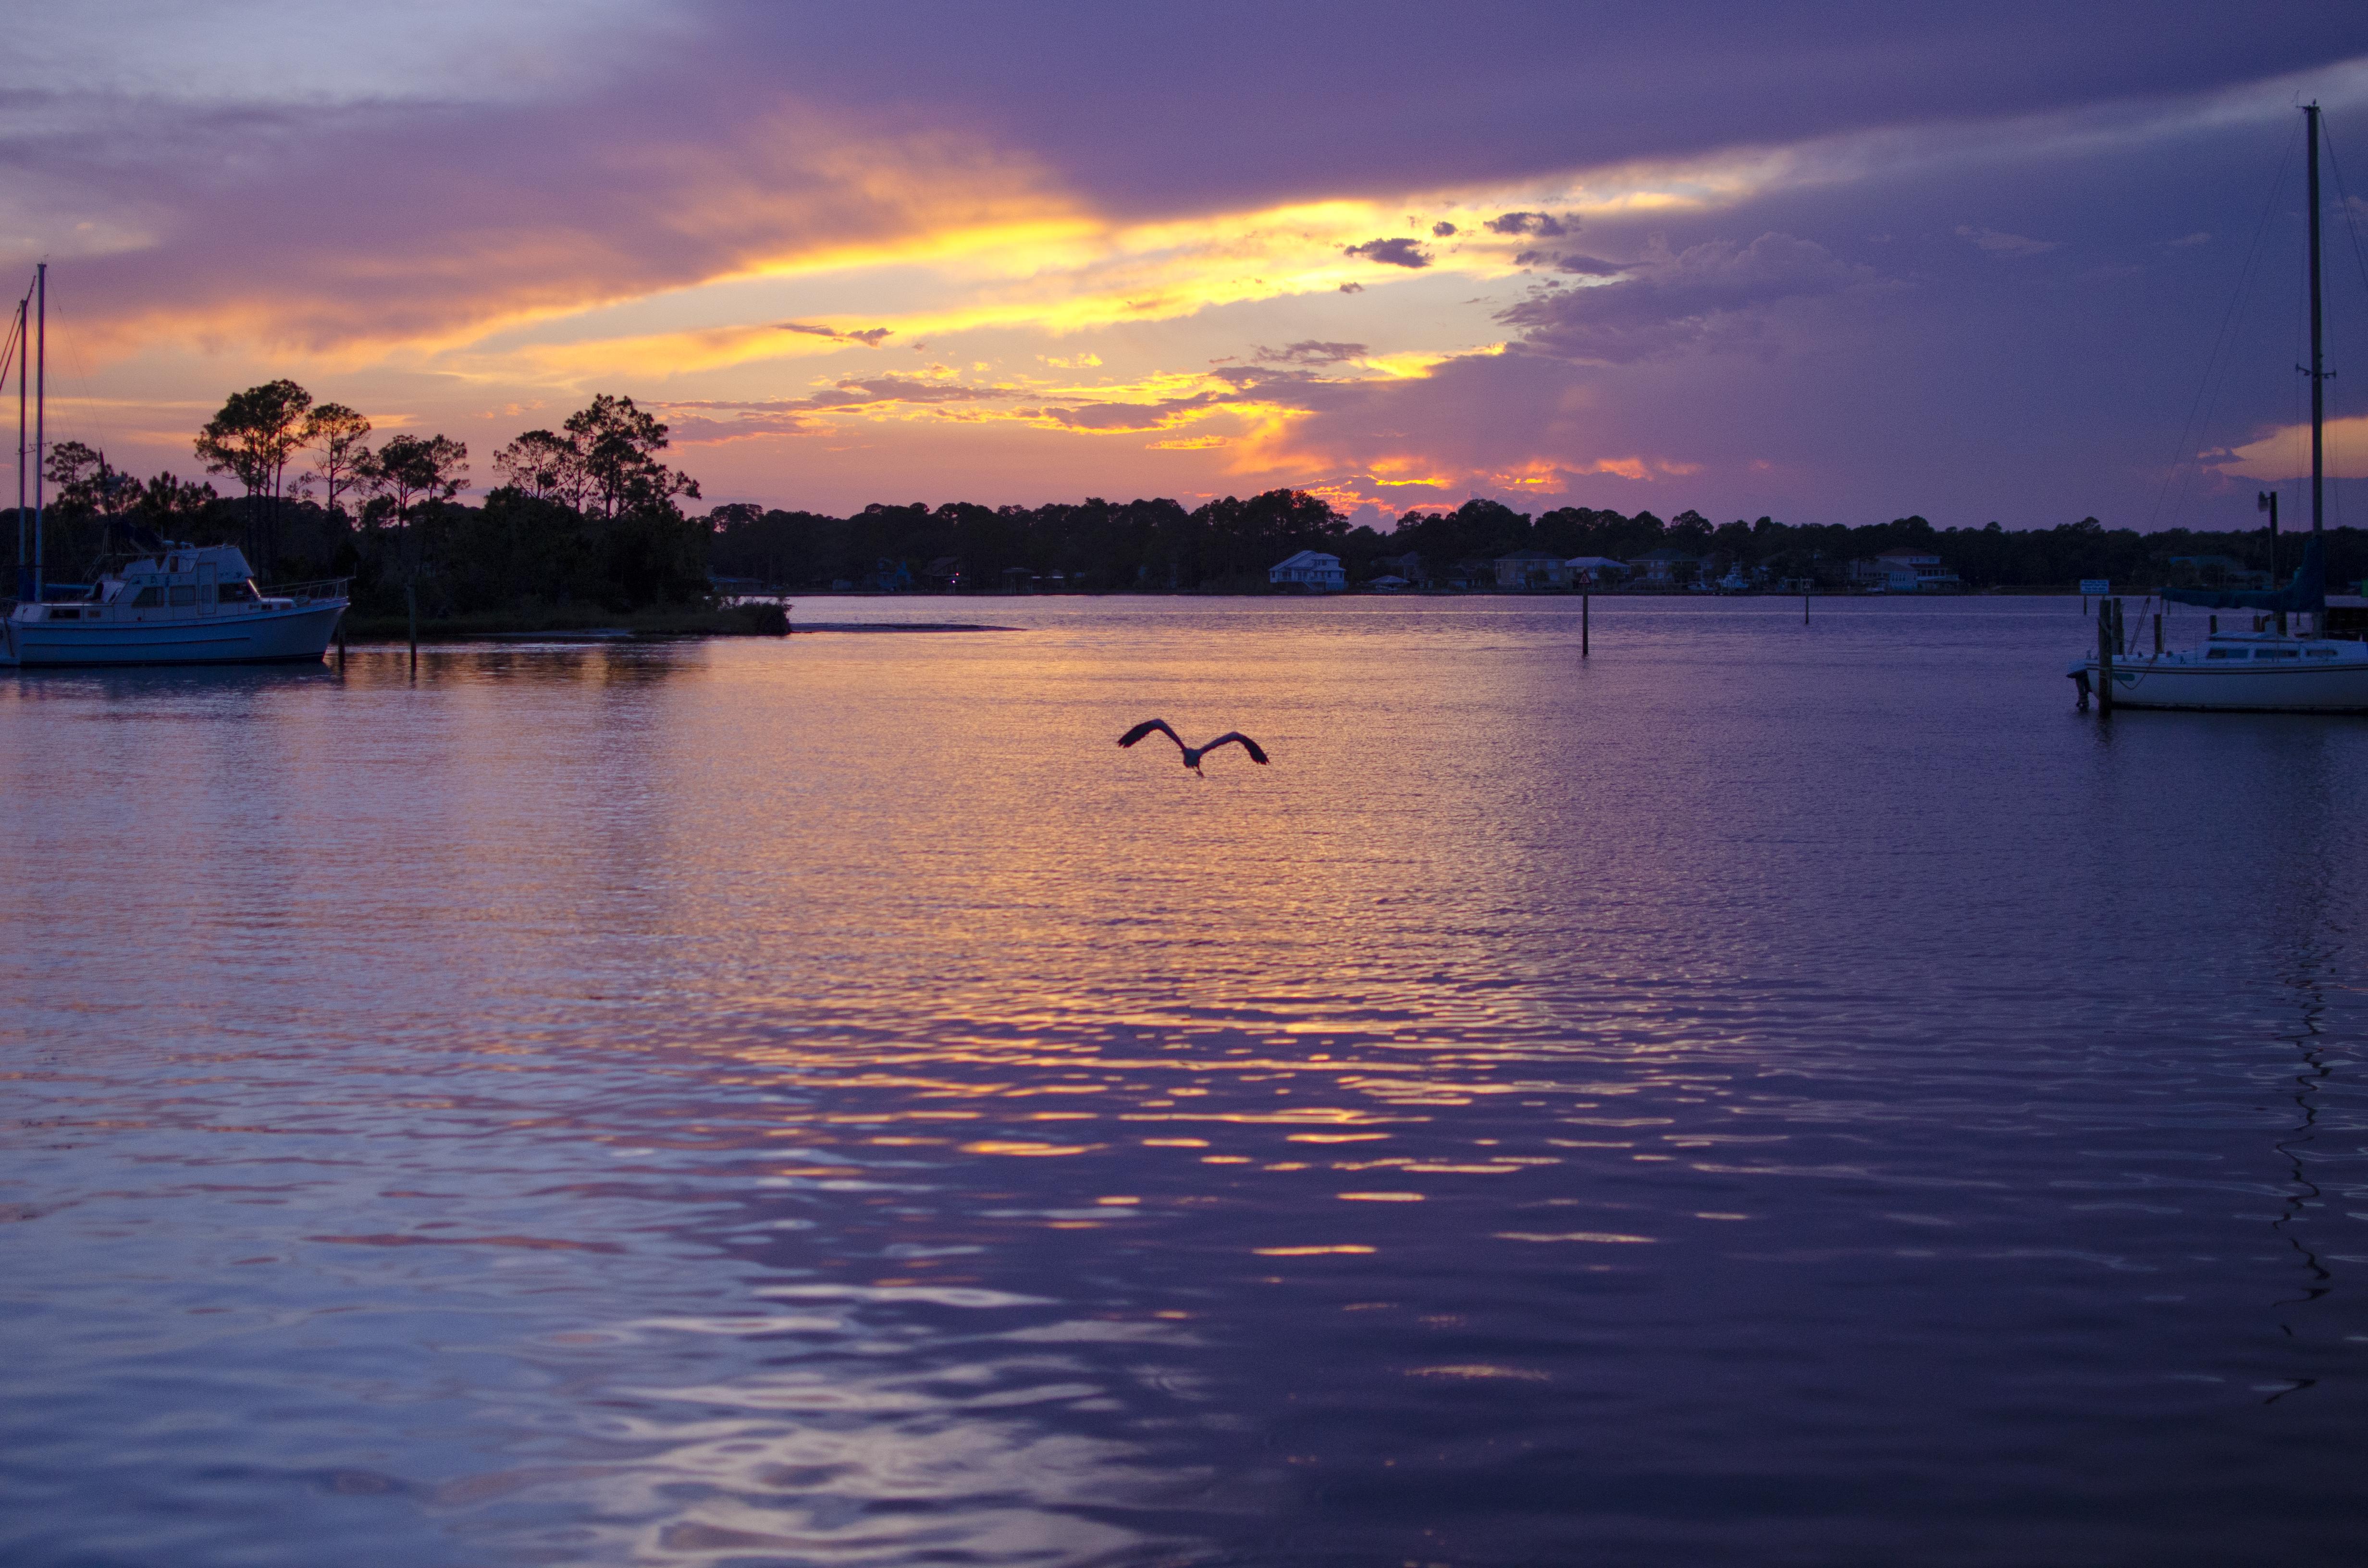 Omar-Wiseman---Pelican-Sunset.jpg